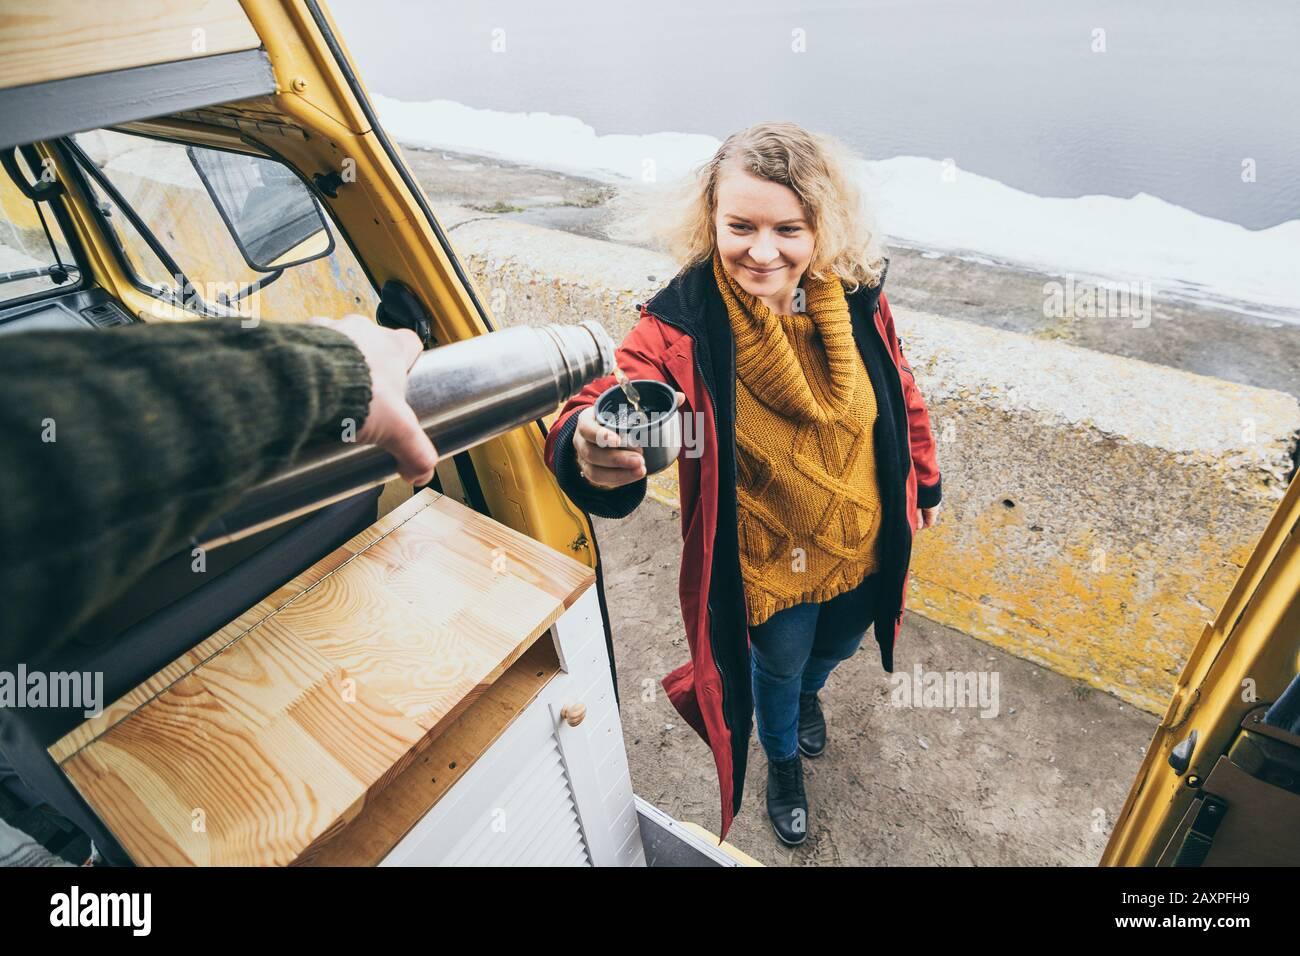 Giovane donna bionda accanto al camper che si affaccia sul mare invernale ghiacciato. Vista attraverso lo sportello aperto. Foto Stock